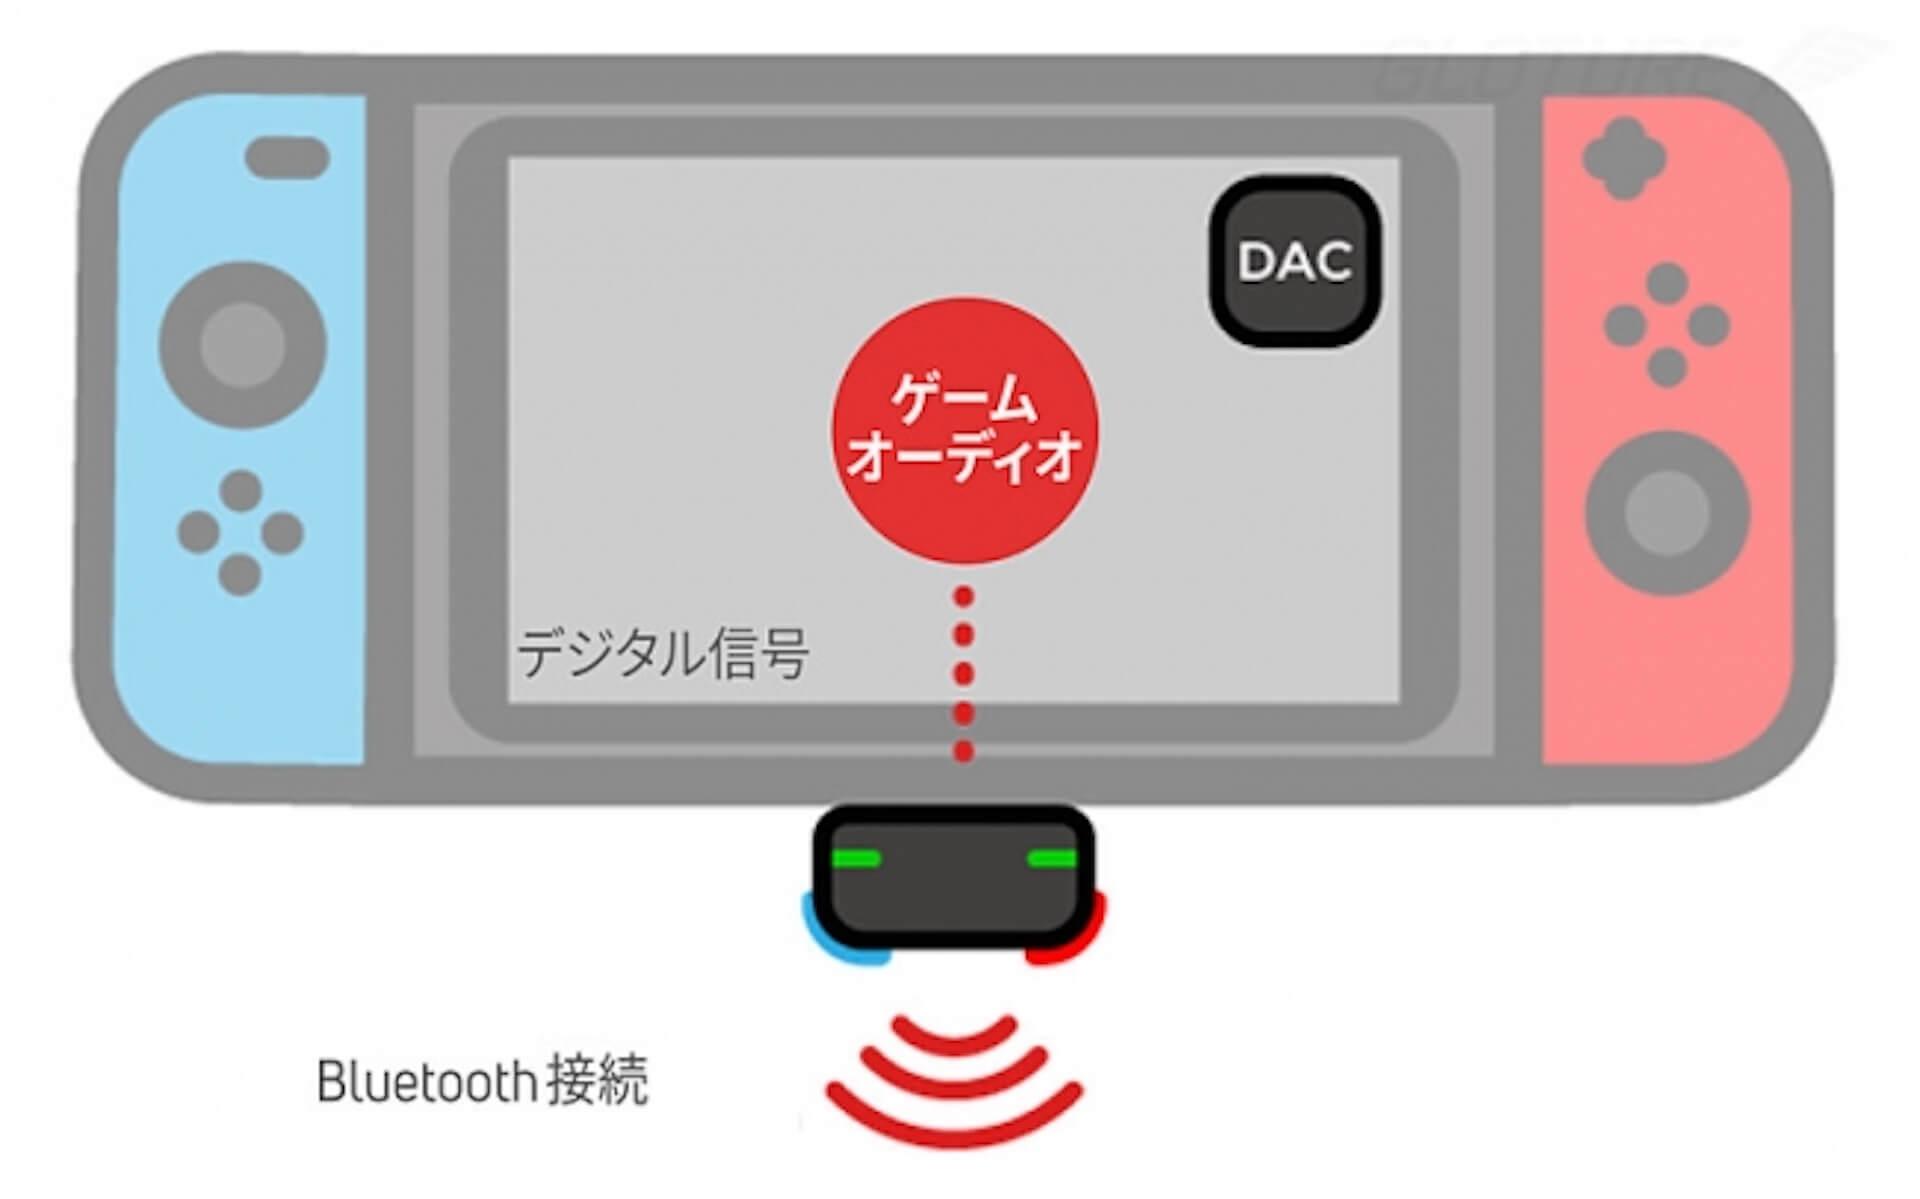 Nintendo Switchをワイヤレスイヤホン/スピーカーで楽しもう!Bluetooth対応アダプタ「Genki」がGlotureで発売中 tech200414_nintendoswitch_4